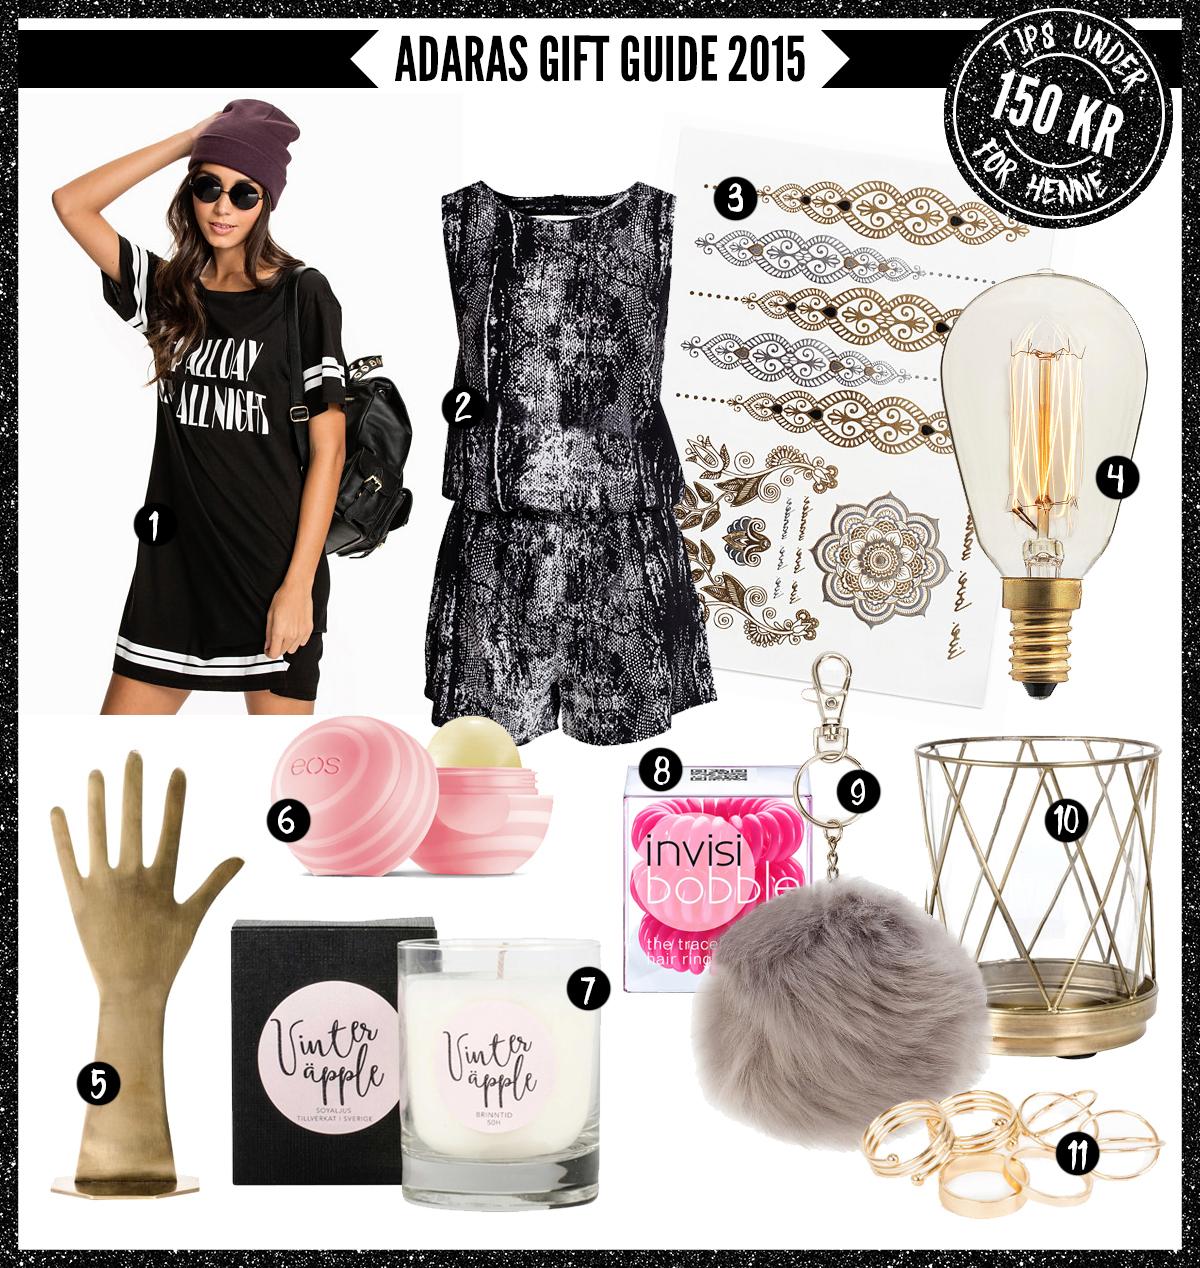 Adaras Gift Guide 2015 -Julklappstips till henne - under 150 kronor